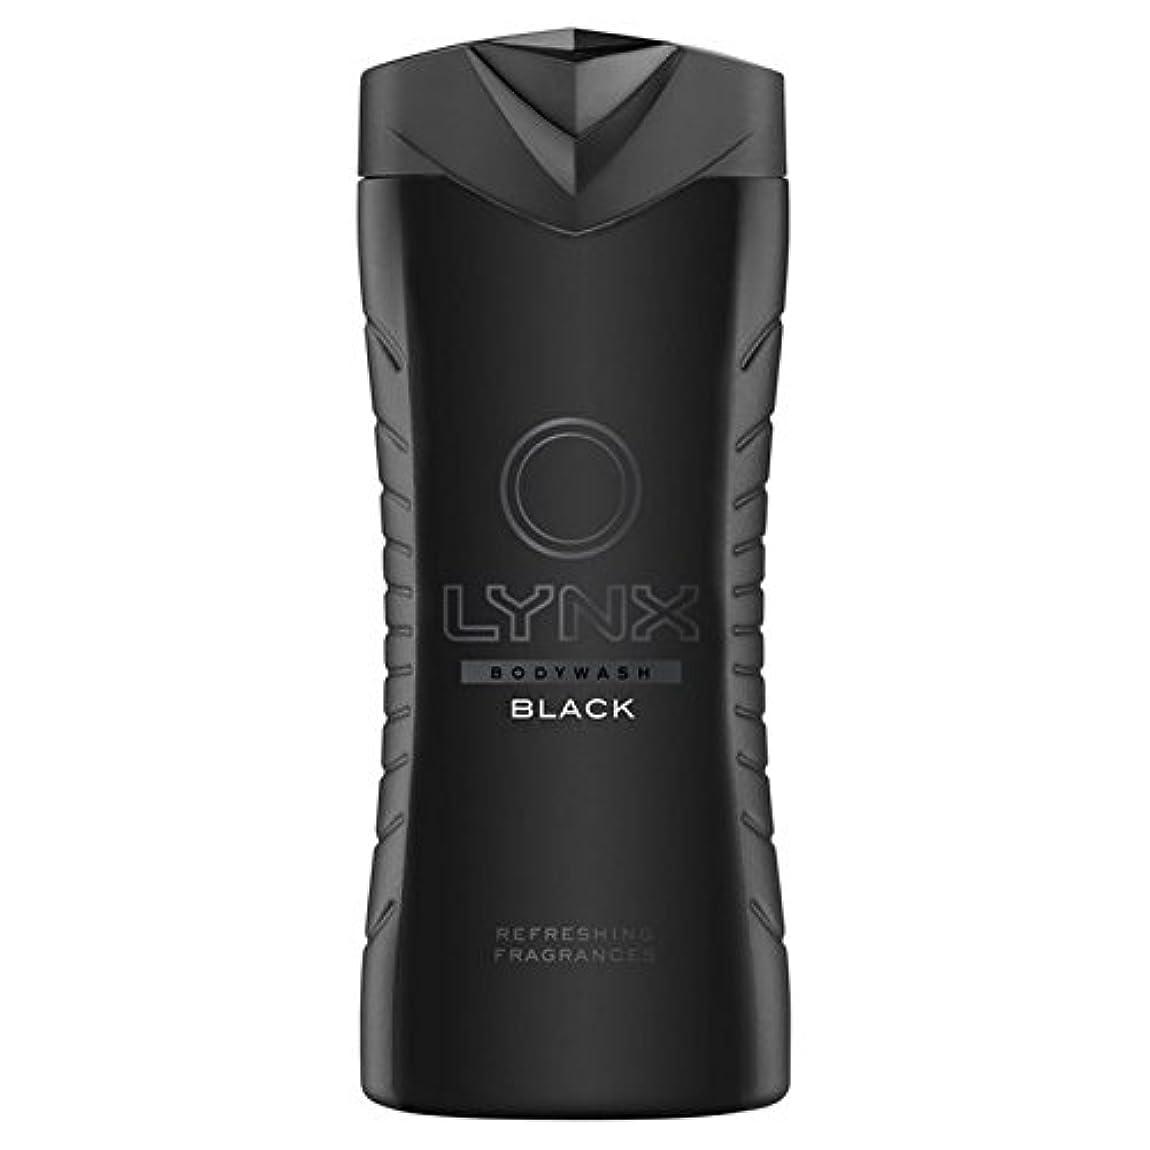 ひねくれた異議クレーターオオヤマネコブラックシャワージェル400ミリリットル x2 - Lynx Black Shower Gel 400ml (Pack of 2) [並行輸入品]